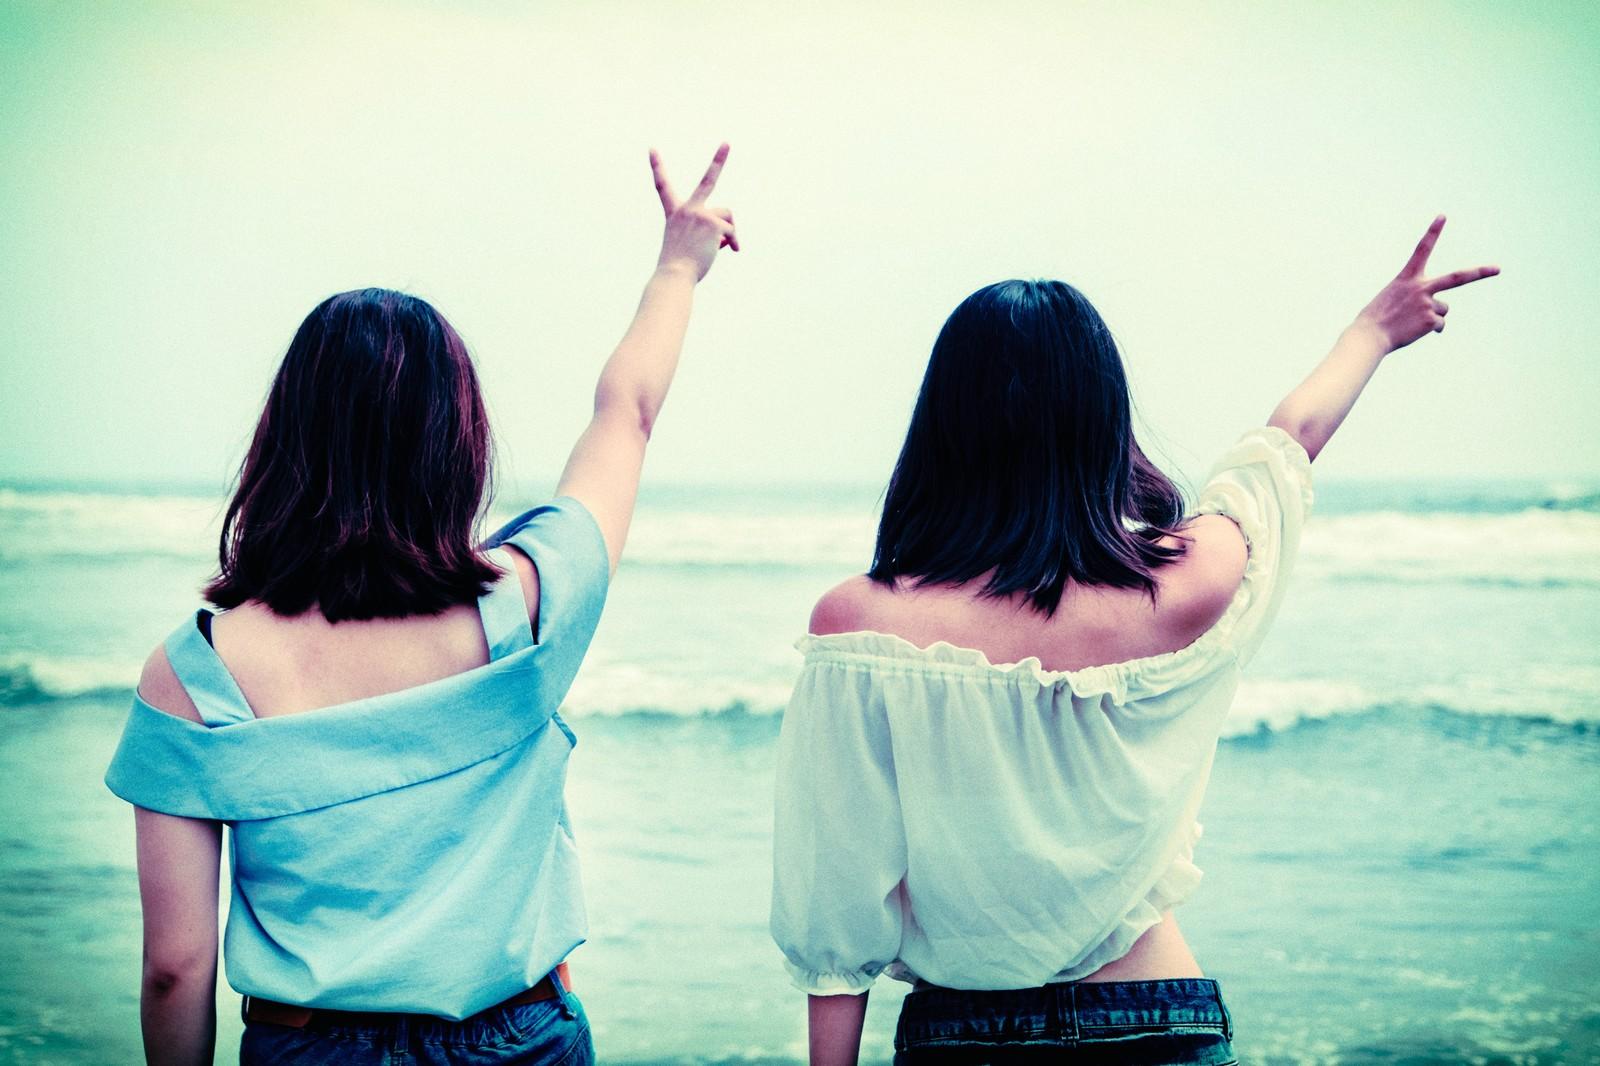 クリスチャントルソー_喜ぶ女性イメージ